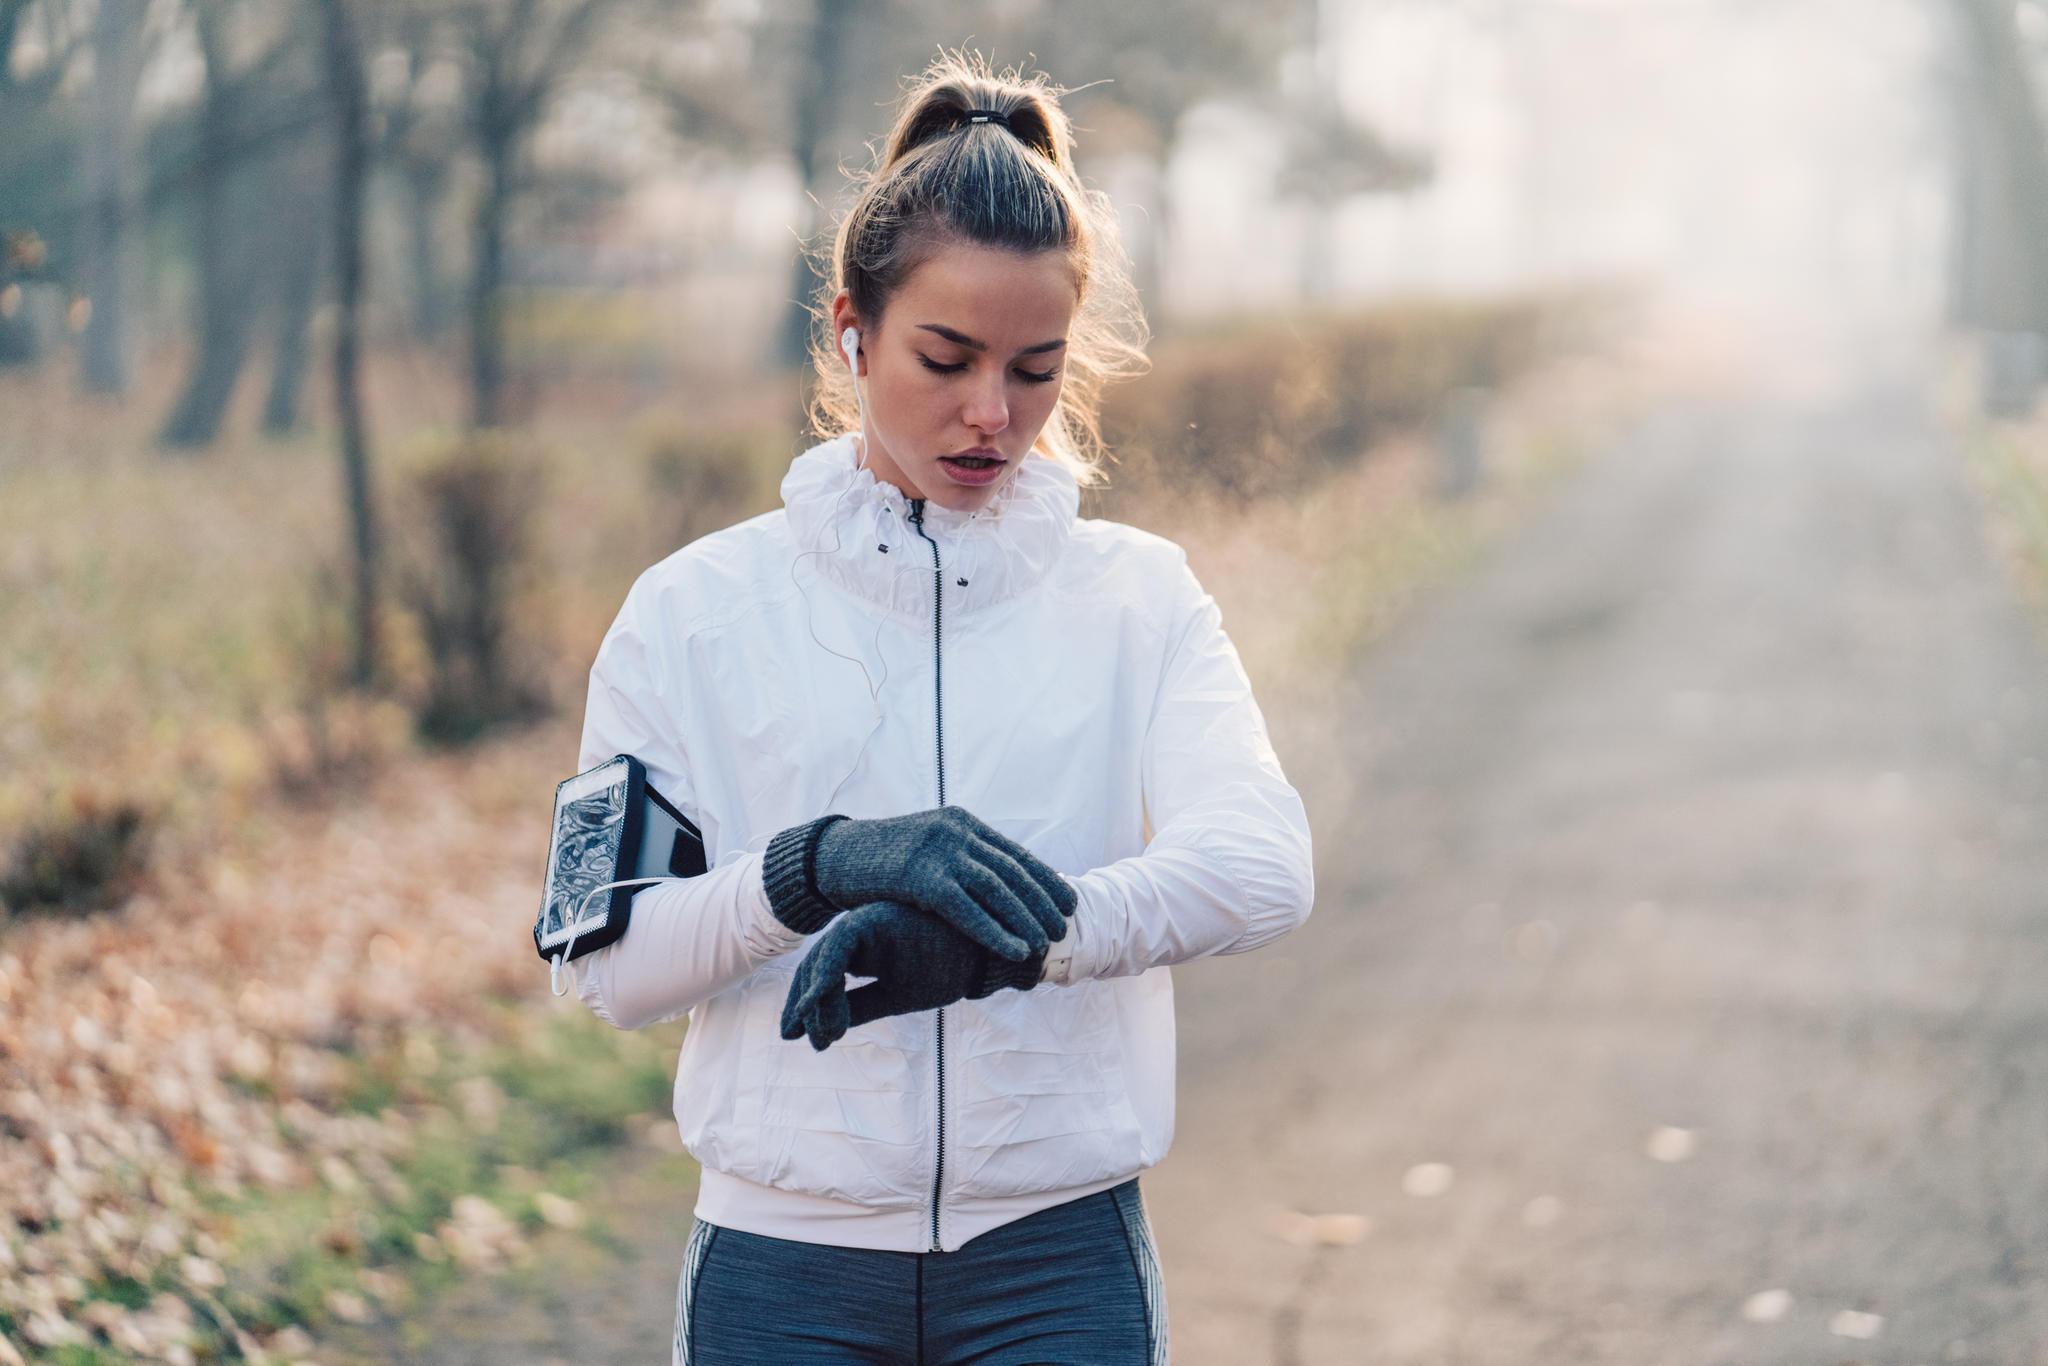 Training und Immunsystem: Kaltstart erwünscht! Warum wir im Winter Sport machen sollten